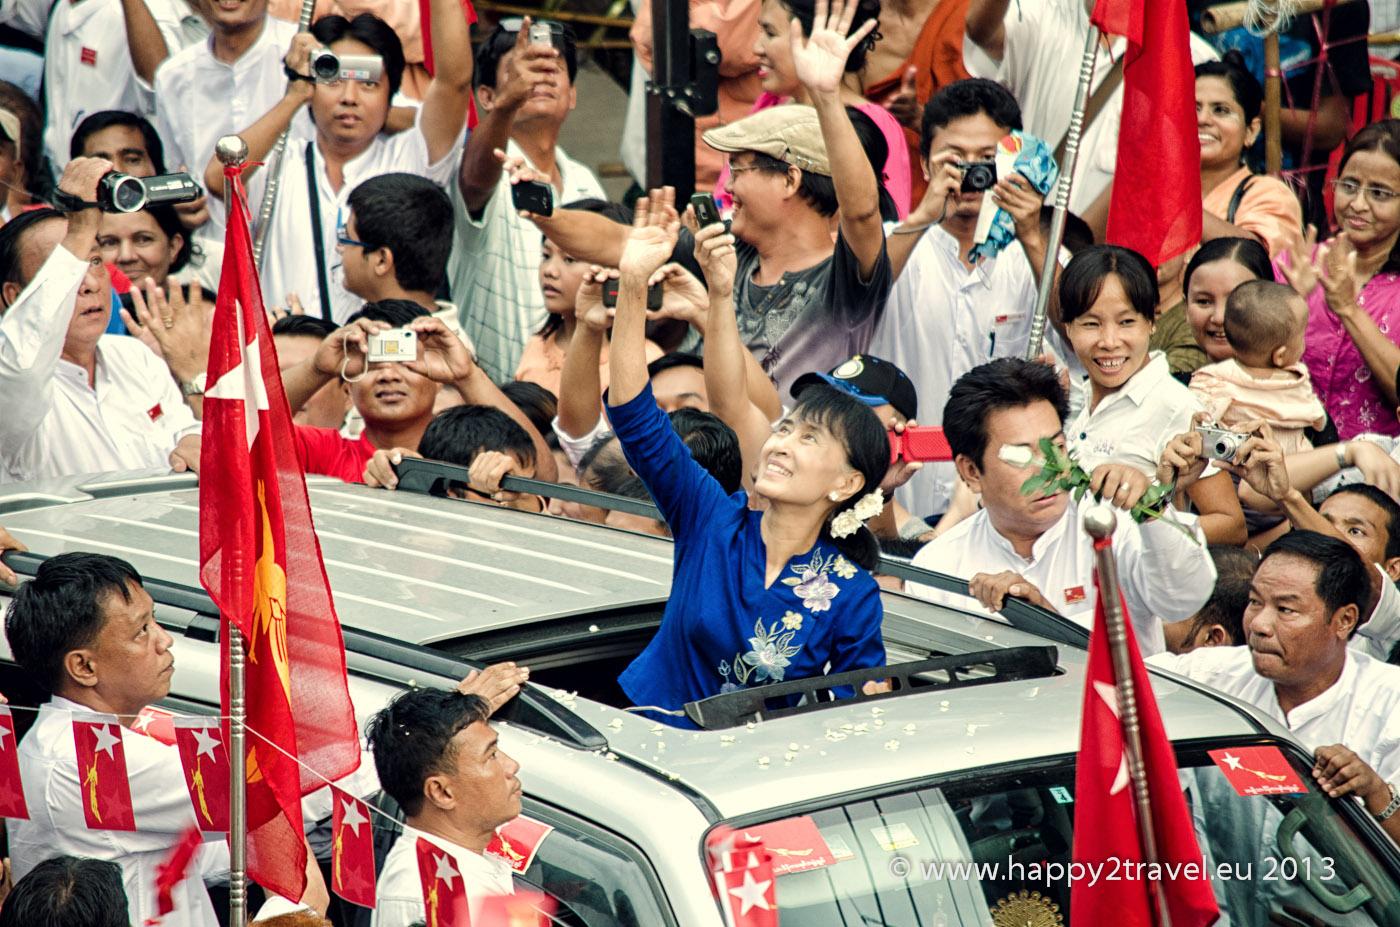 Opozičná líderka Su-Ťij prichádza na pouličný míting